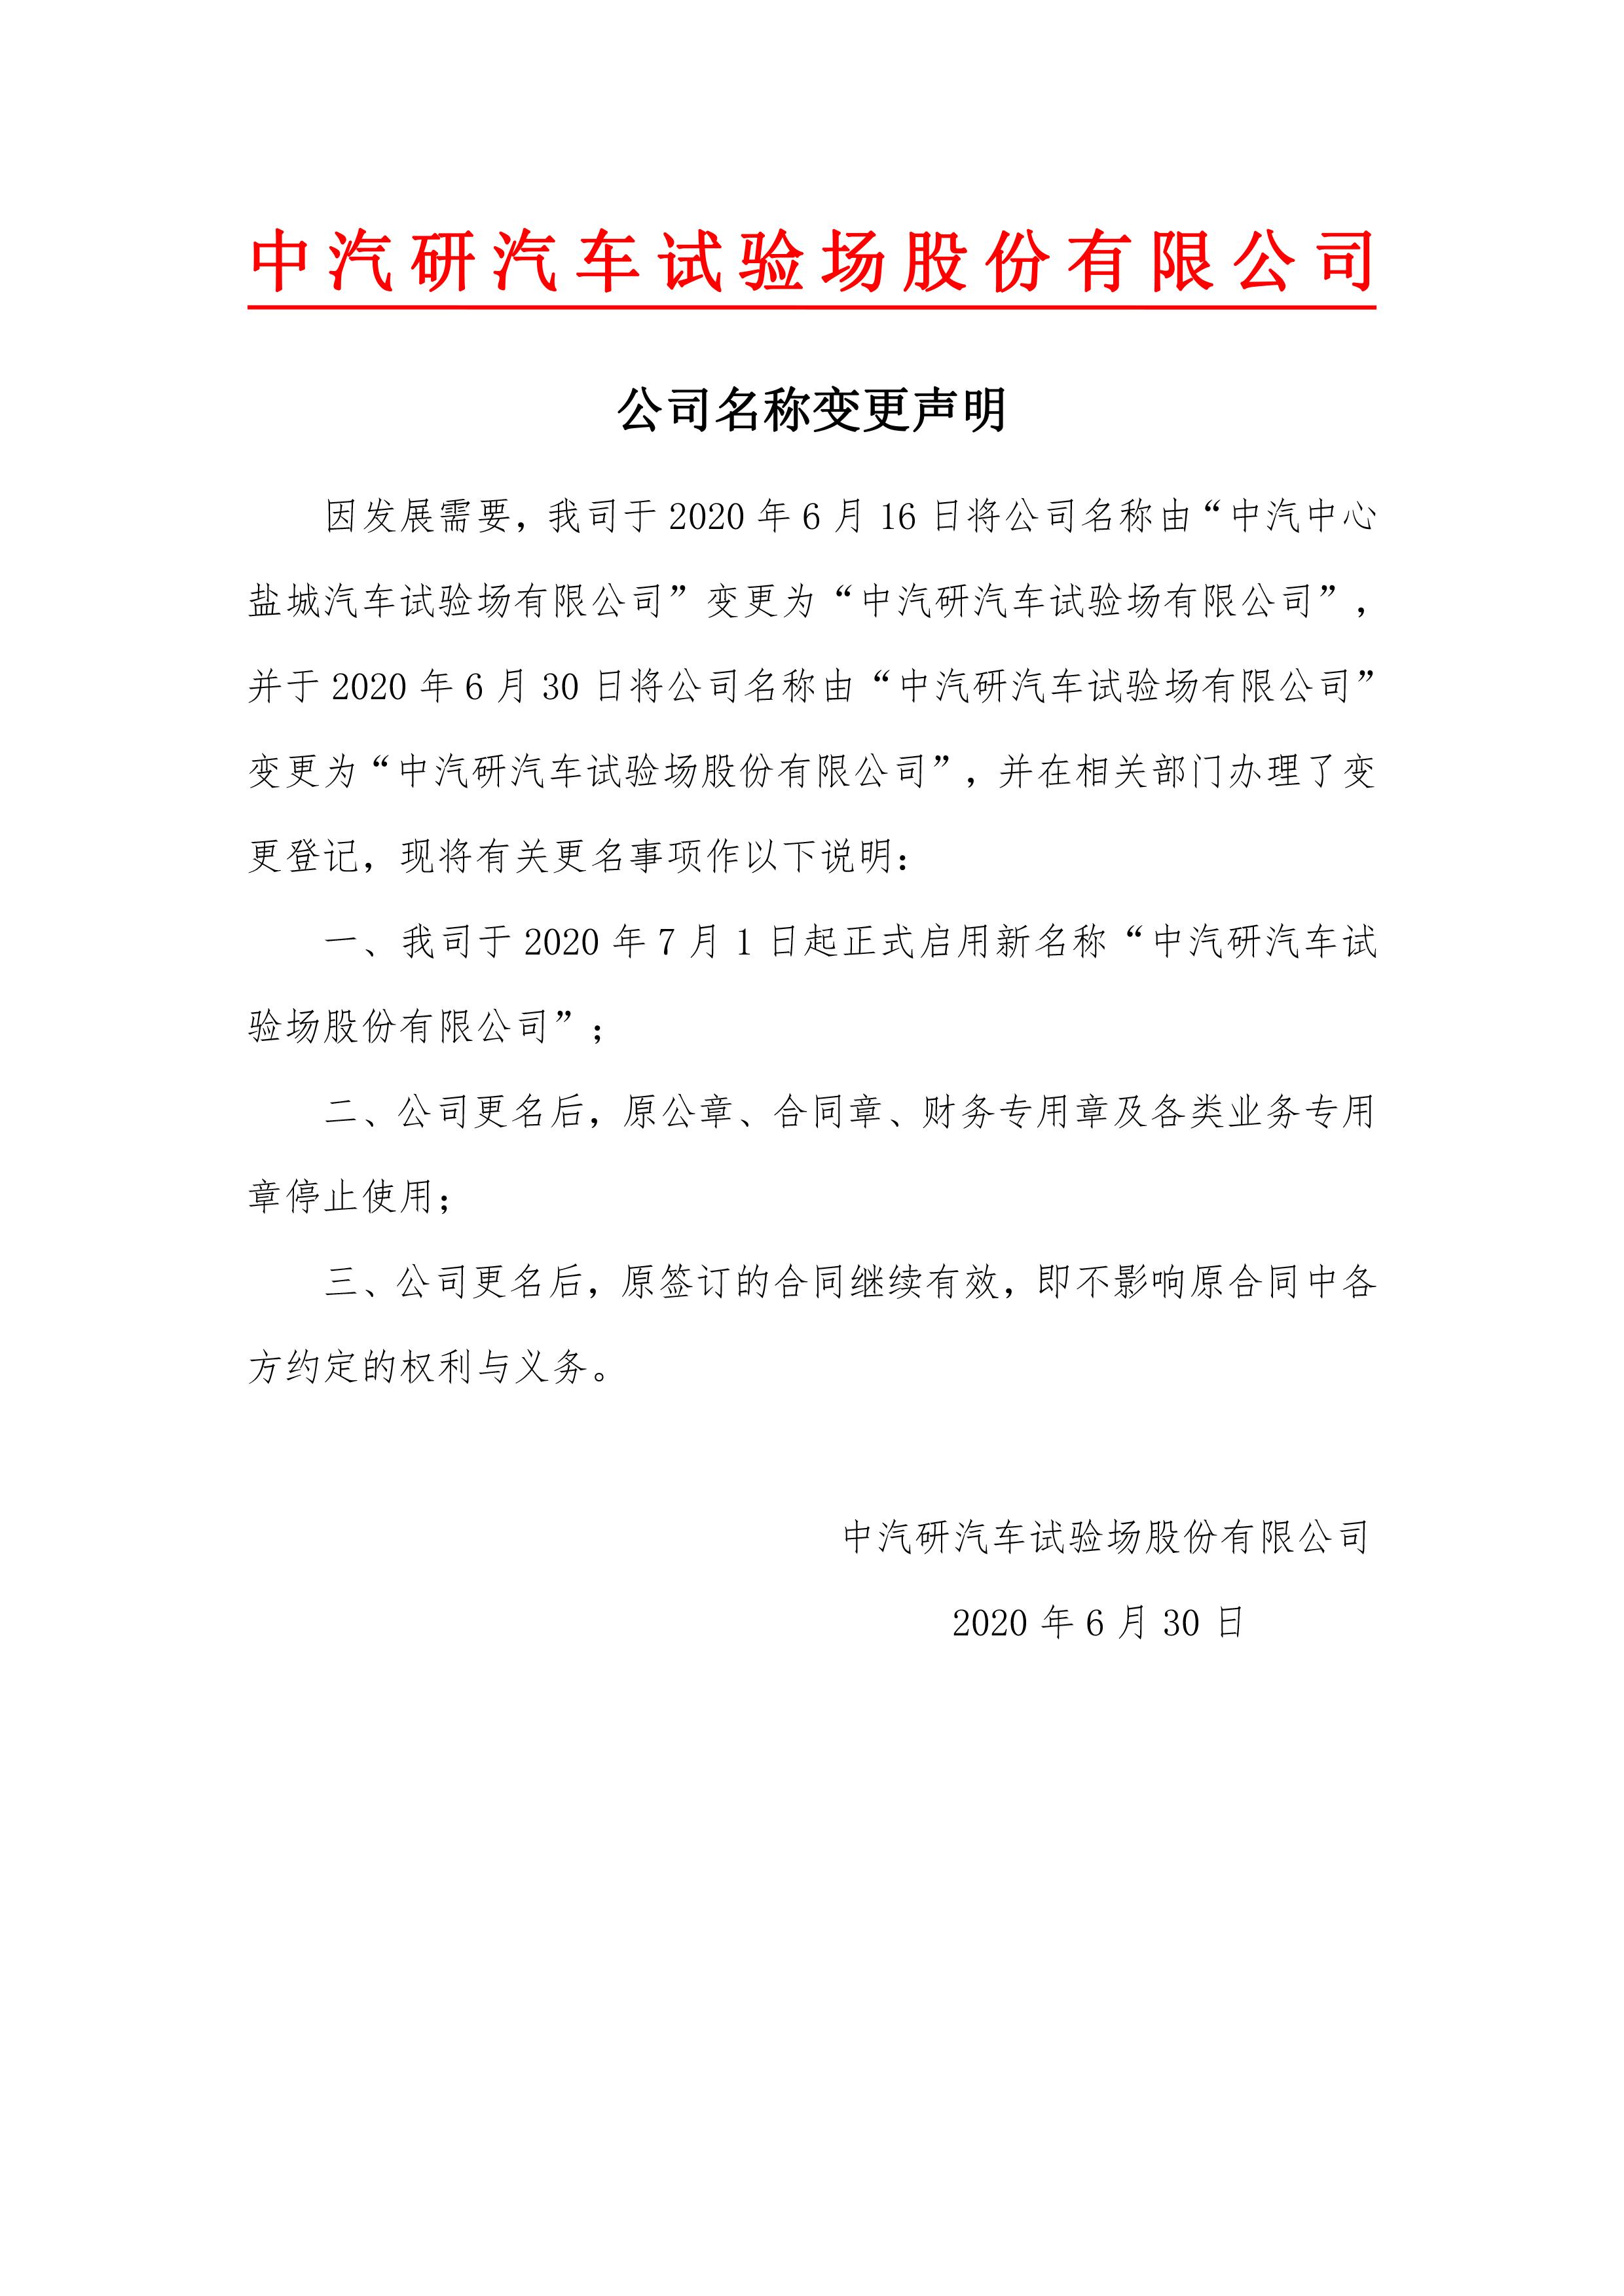 kok娱乐科技官网研汽车试验场股份有限公司公司名称变更声明.png